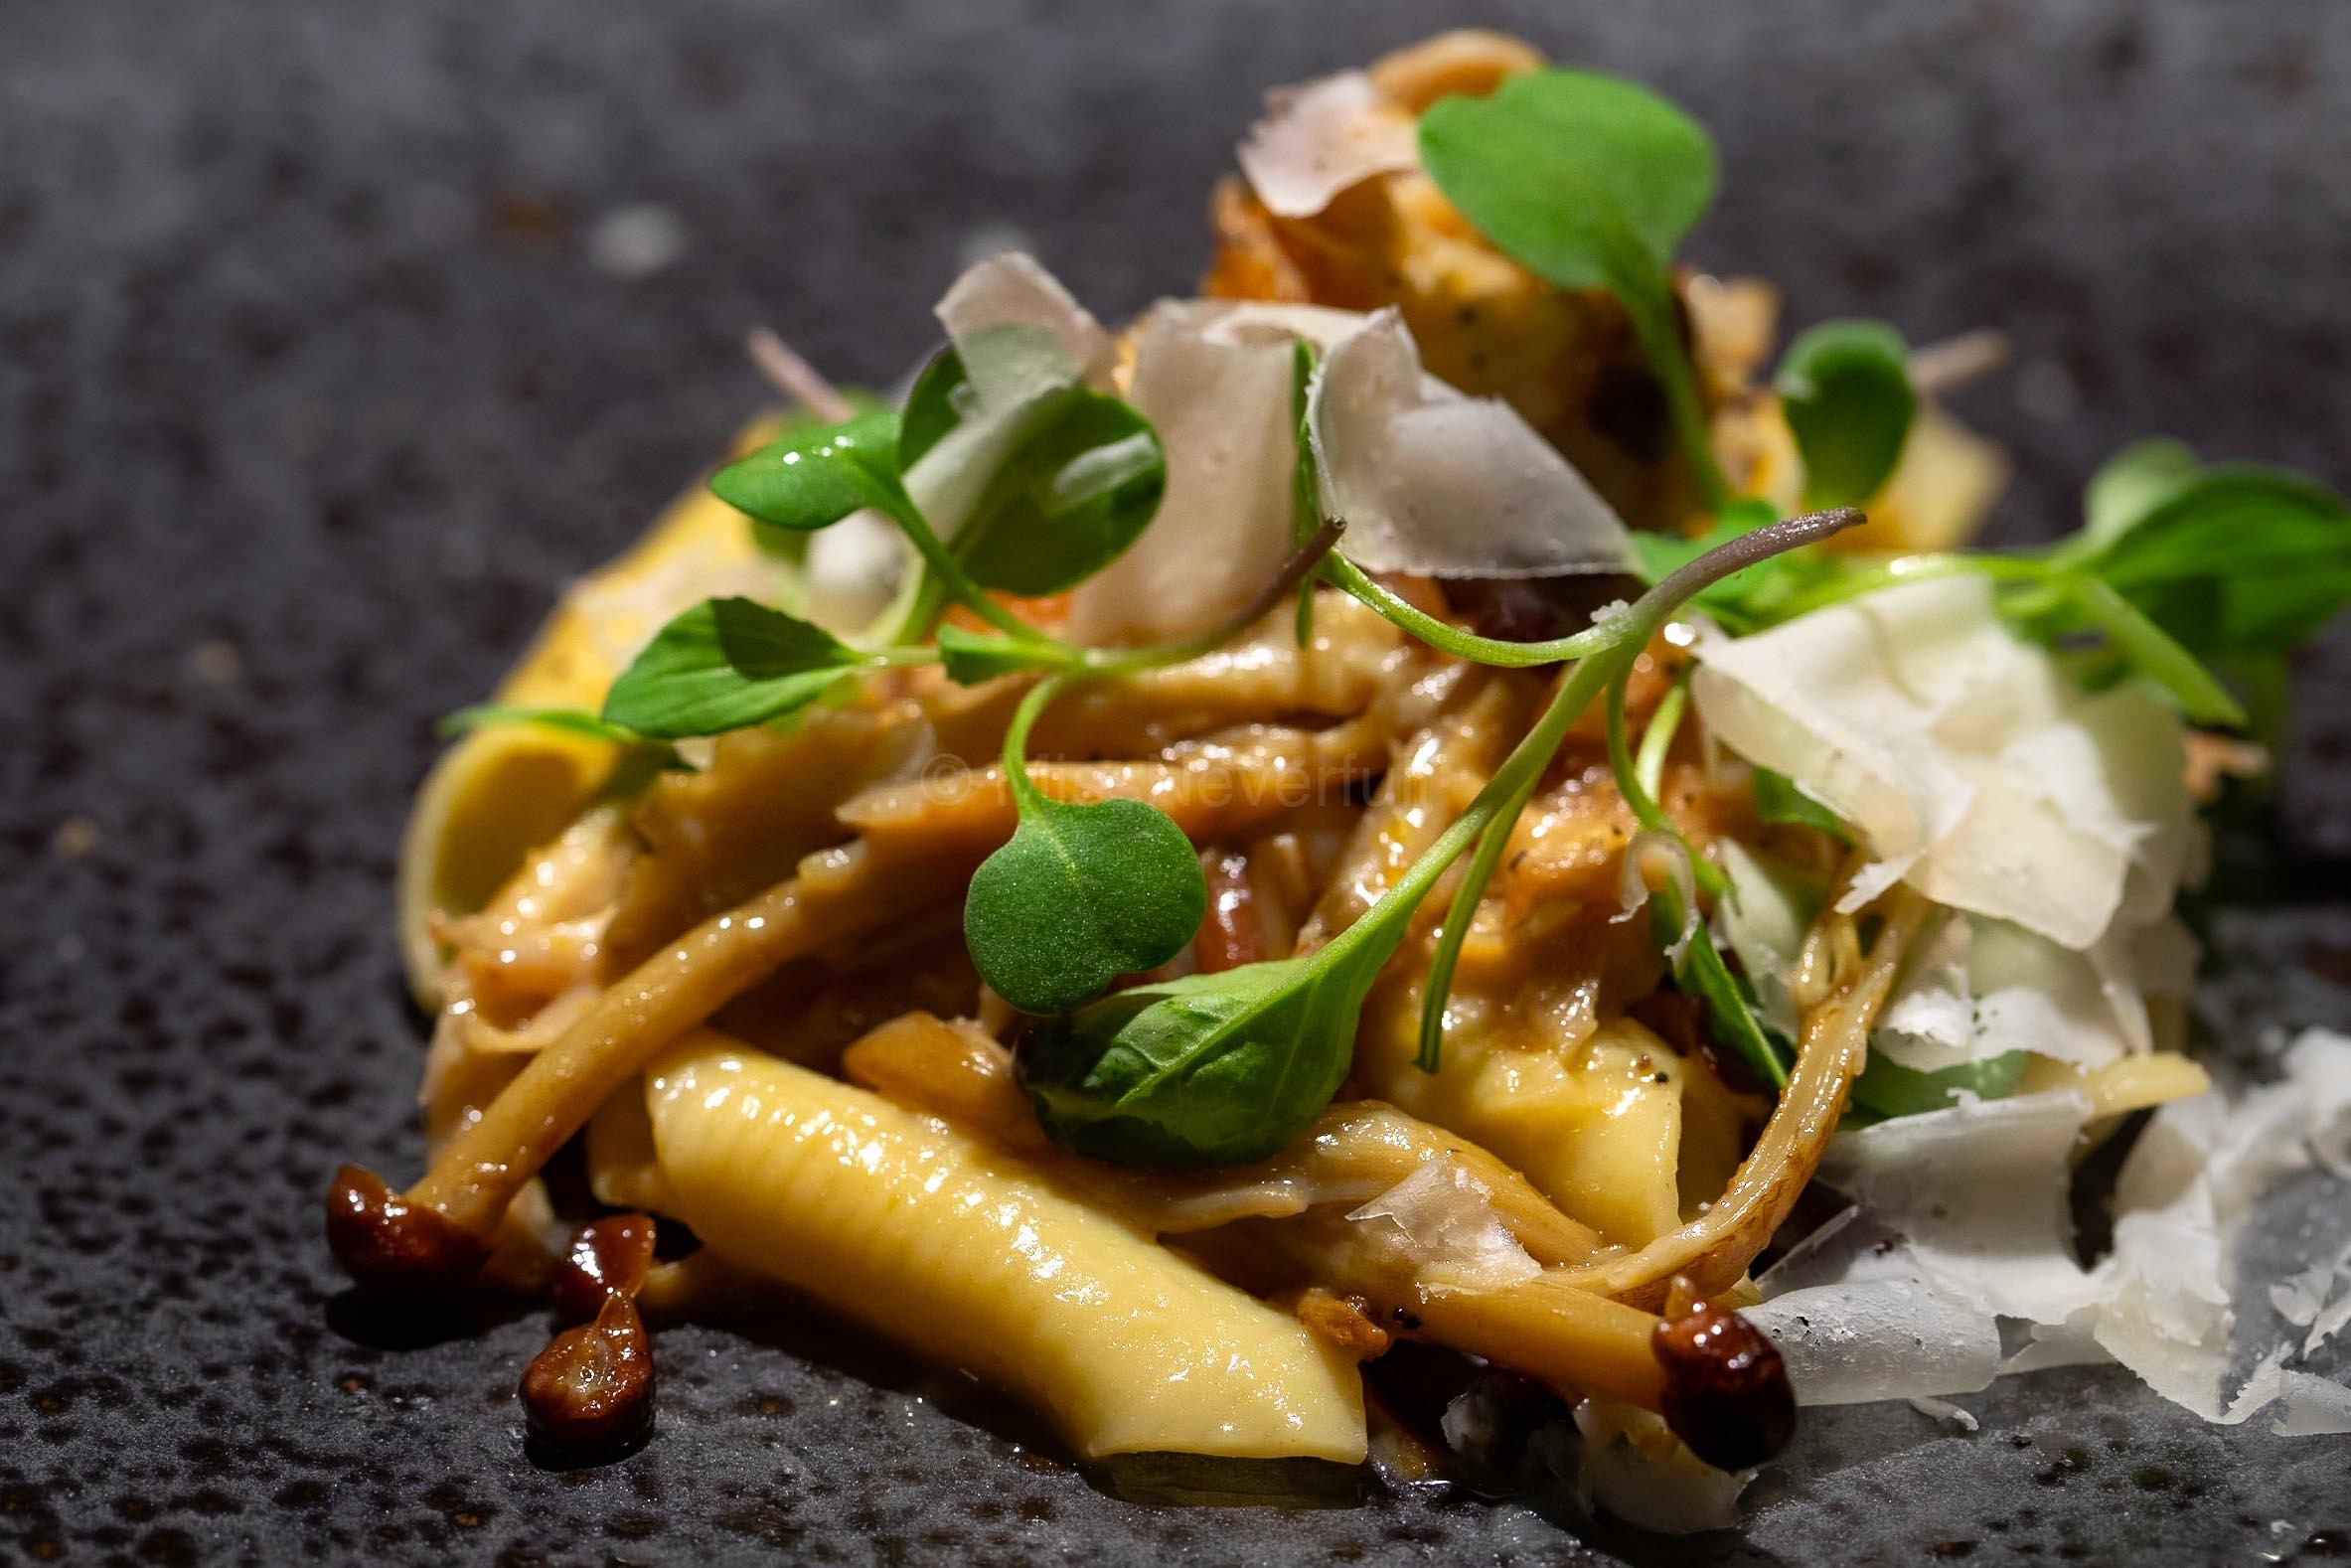 5. Penne Ragu with Assorted Mushrooms